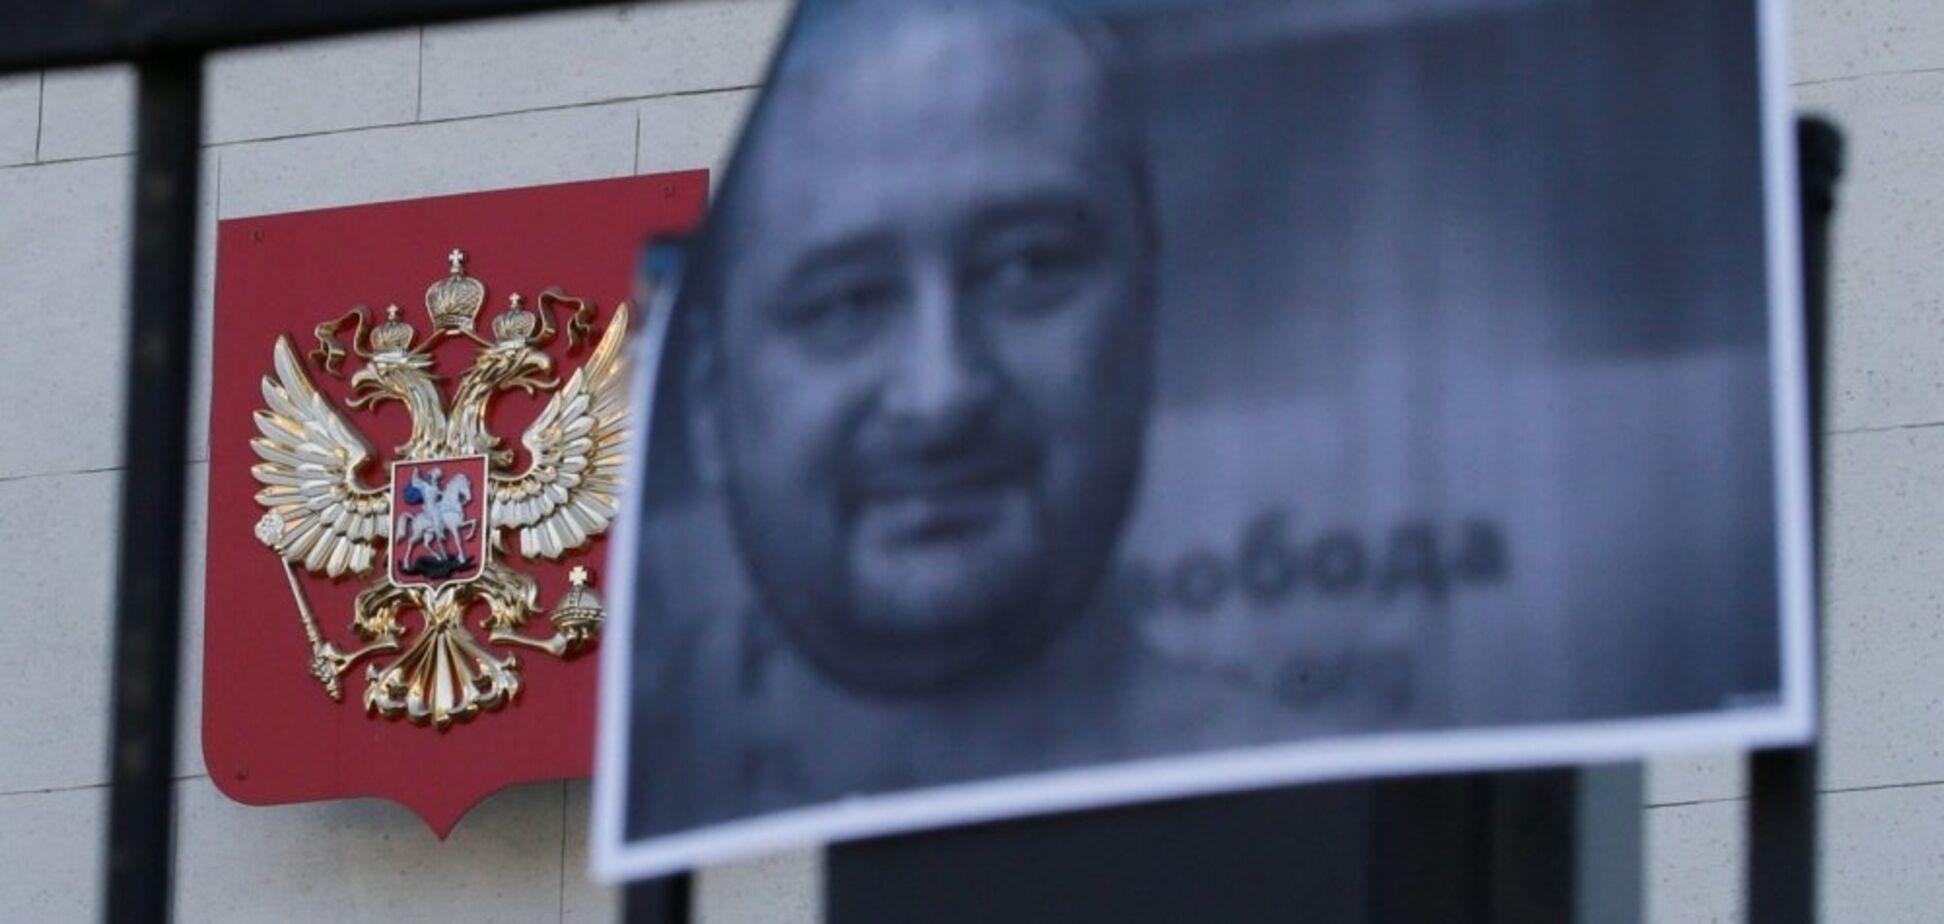 ''Посмотрите в свой паспорт!'' Российский журналист разозлил украинцев советами о выборах